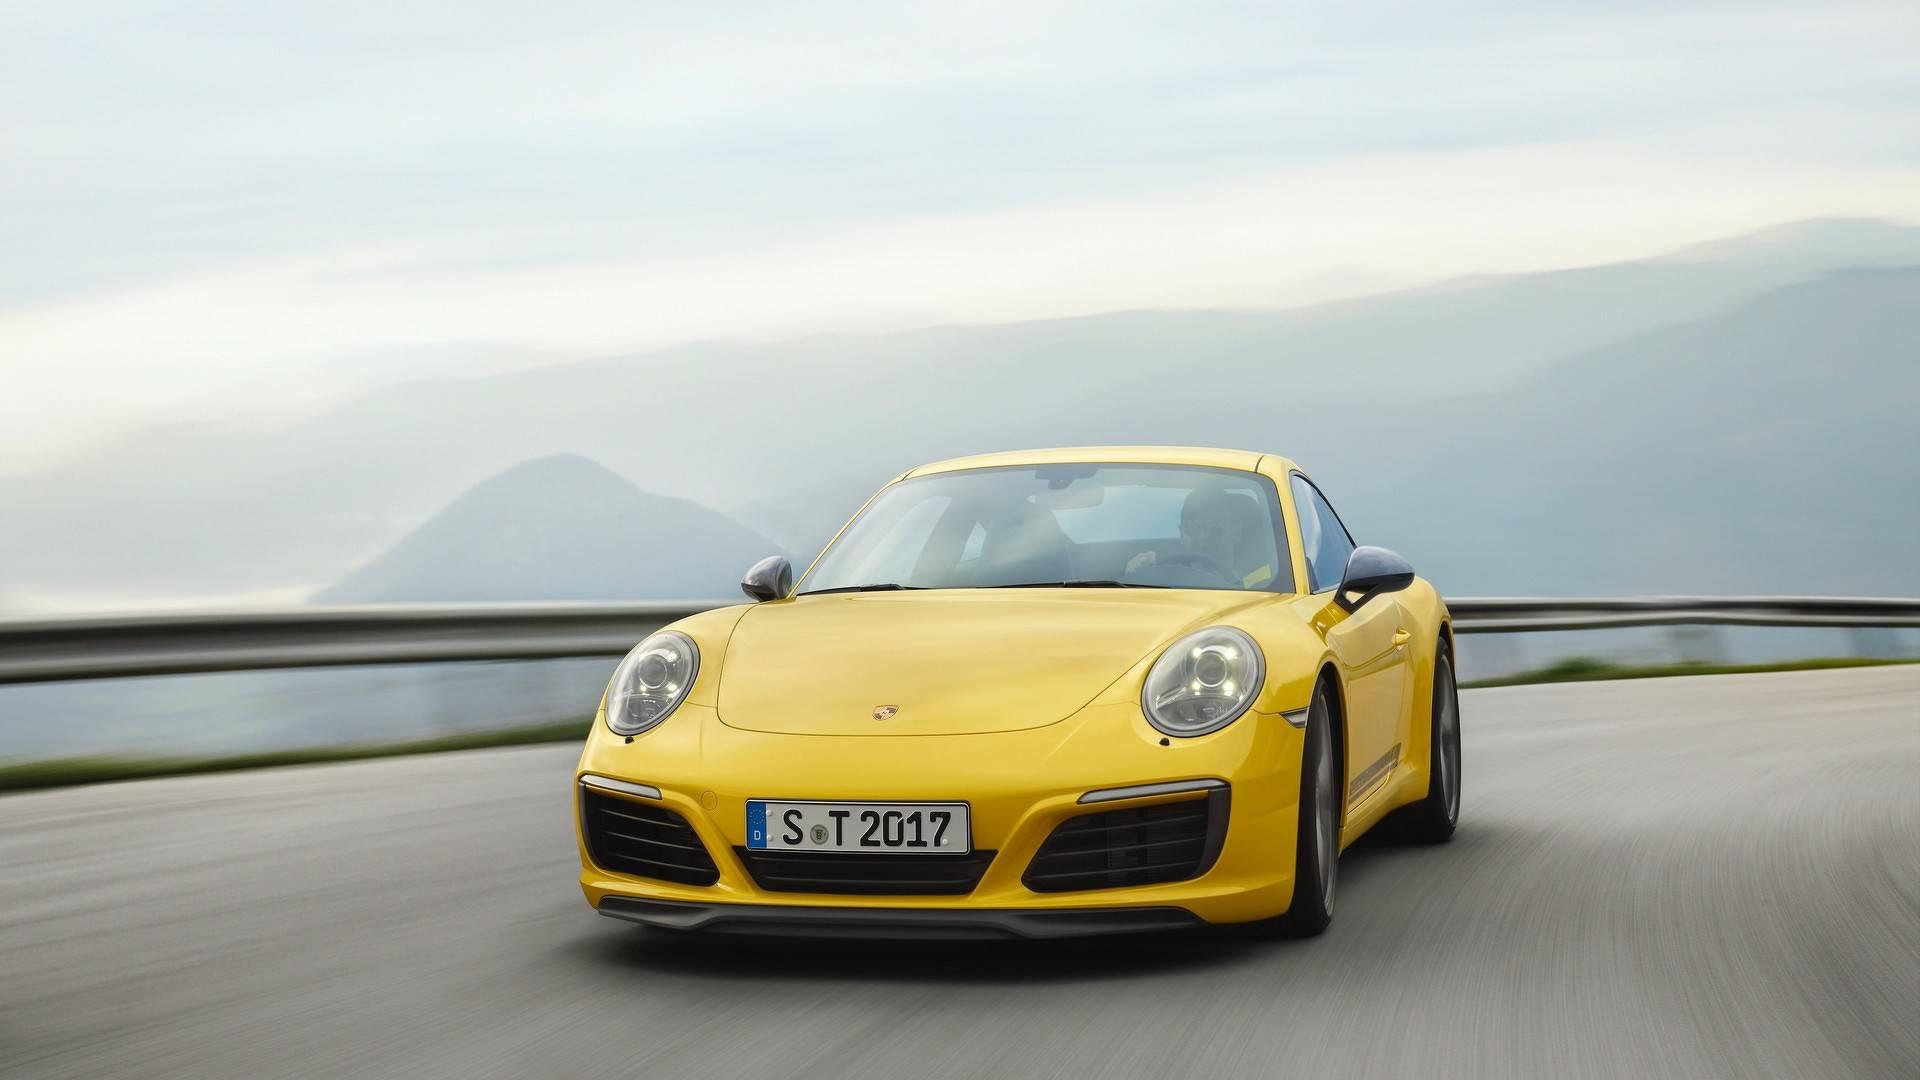 El Porsche 911 híbrido debutará con nuevas tecnologías y cifras impresionantes